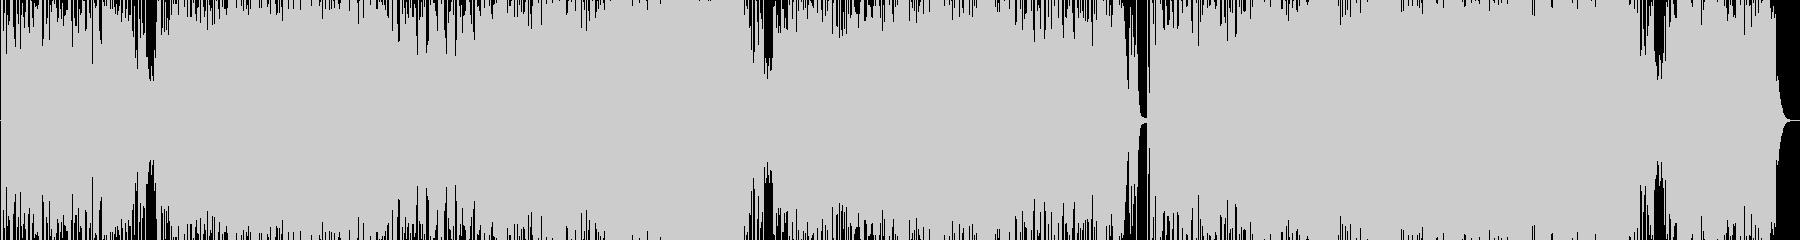 シューティングゲーム風ロックインスト曲の未再生の波形